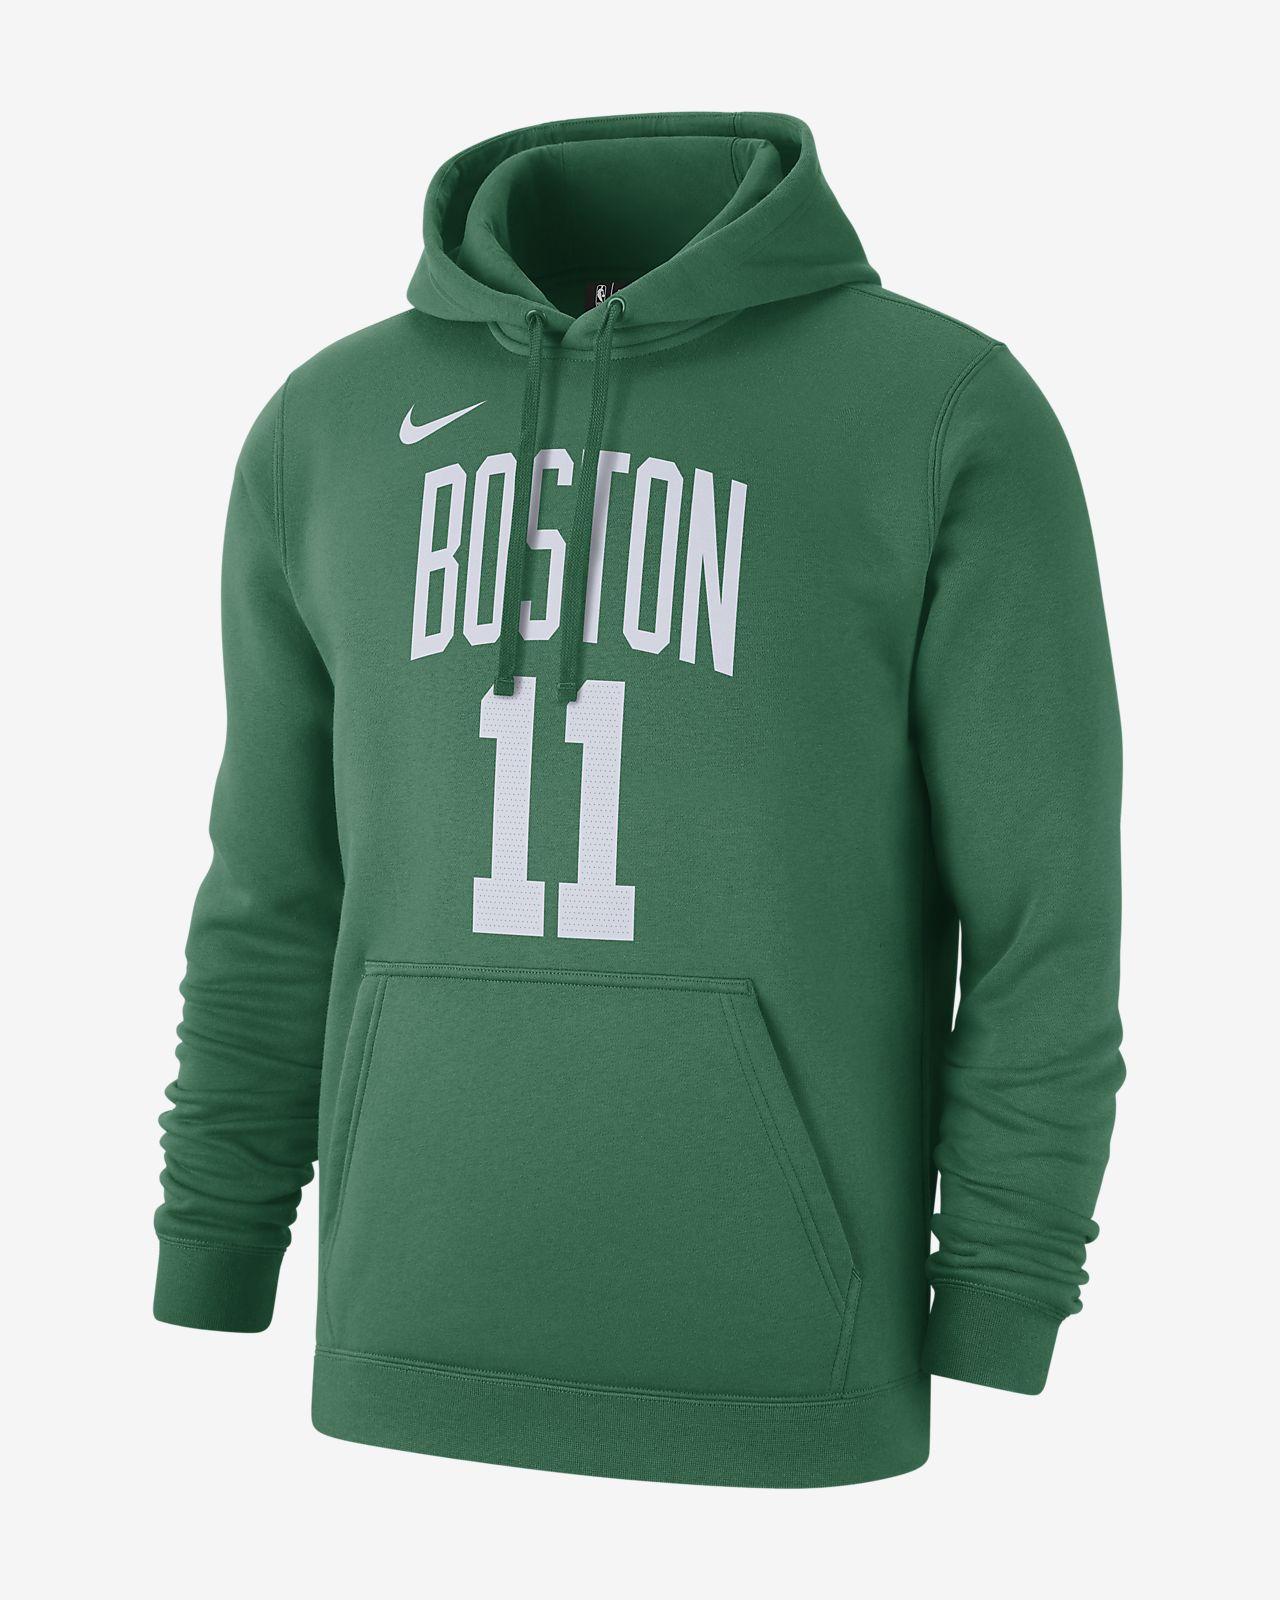 Kyrie Irving Boston Celtics Nike NBA-hettegenser til herre